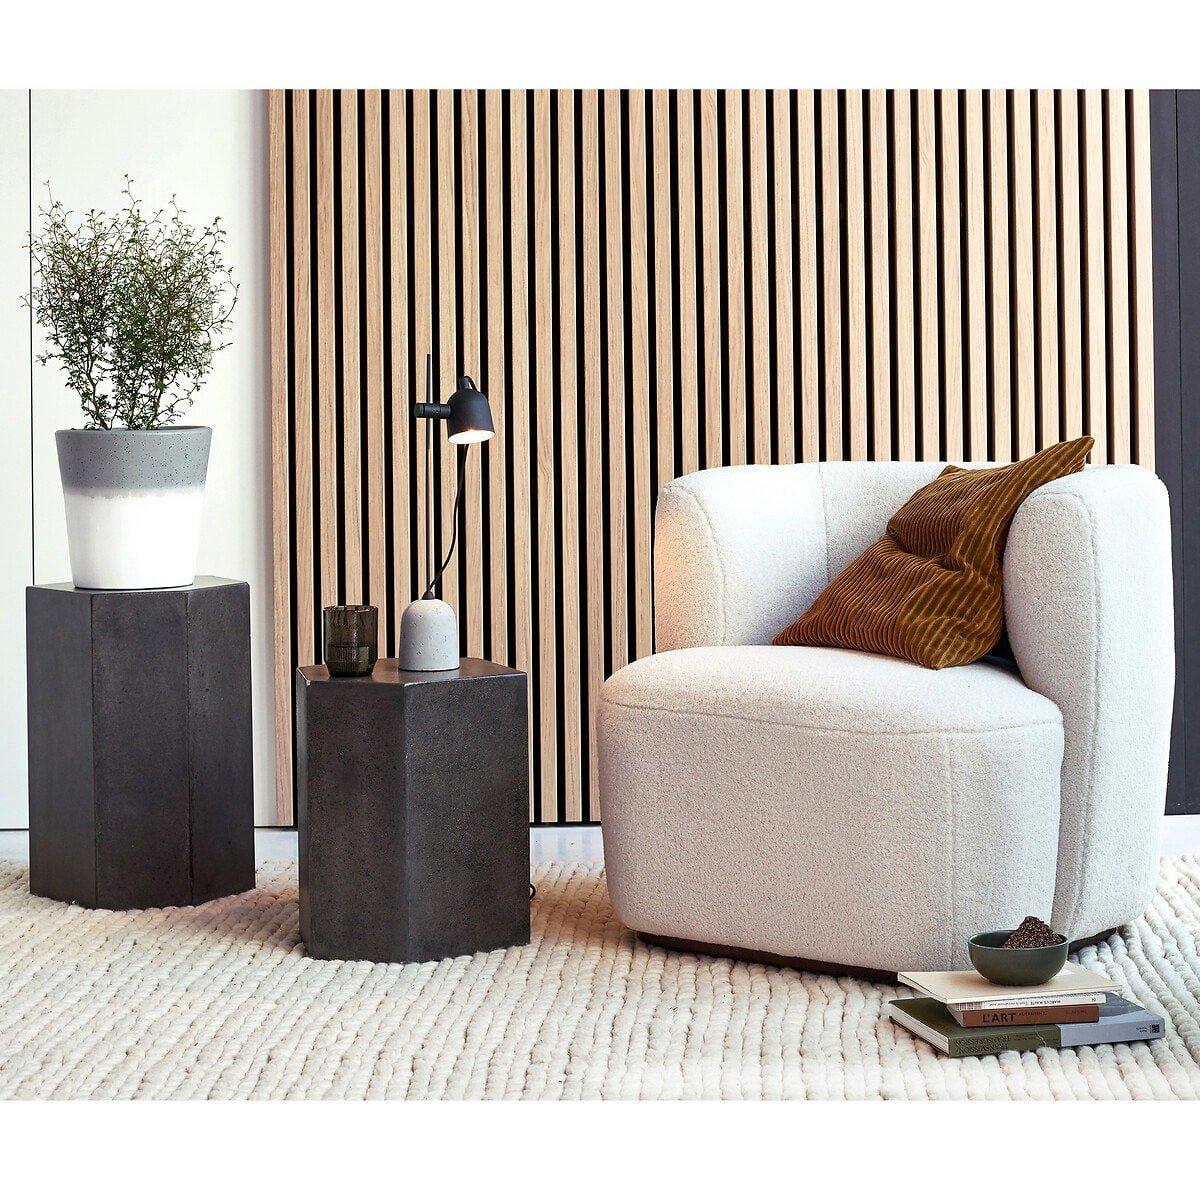 Tendances déco 2020/2021 : Kty.L, décoratrice d'intérieur UFDI à Rochefort-du-gard, présente un fauteuil en laine bouclée de chez La Redoute Intérieurs